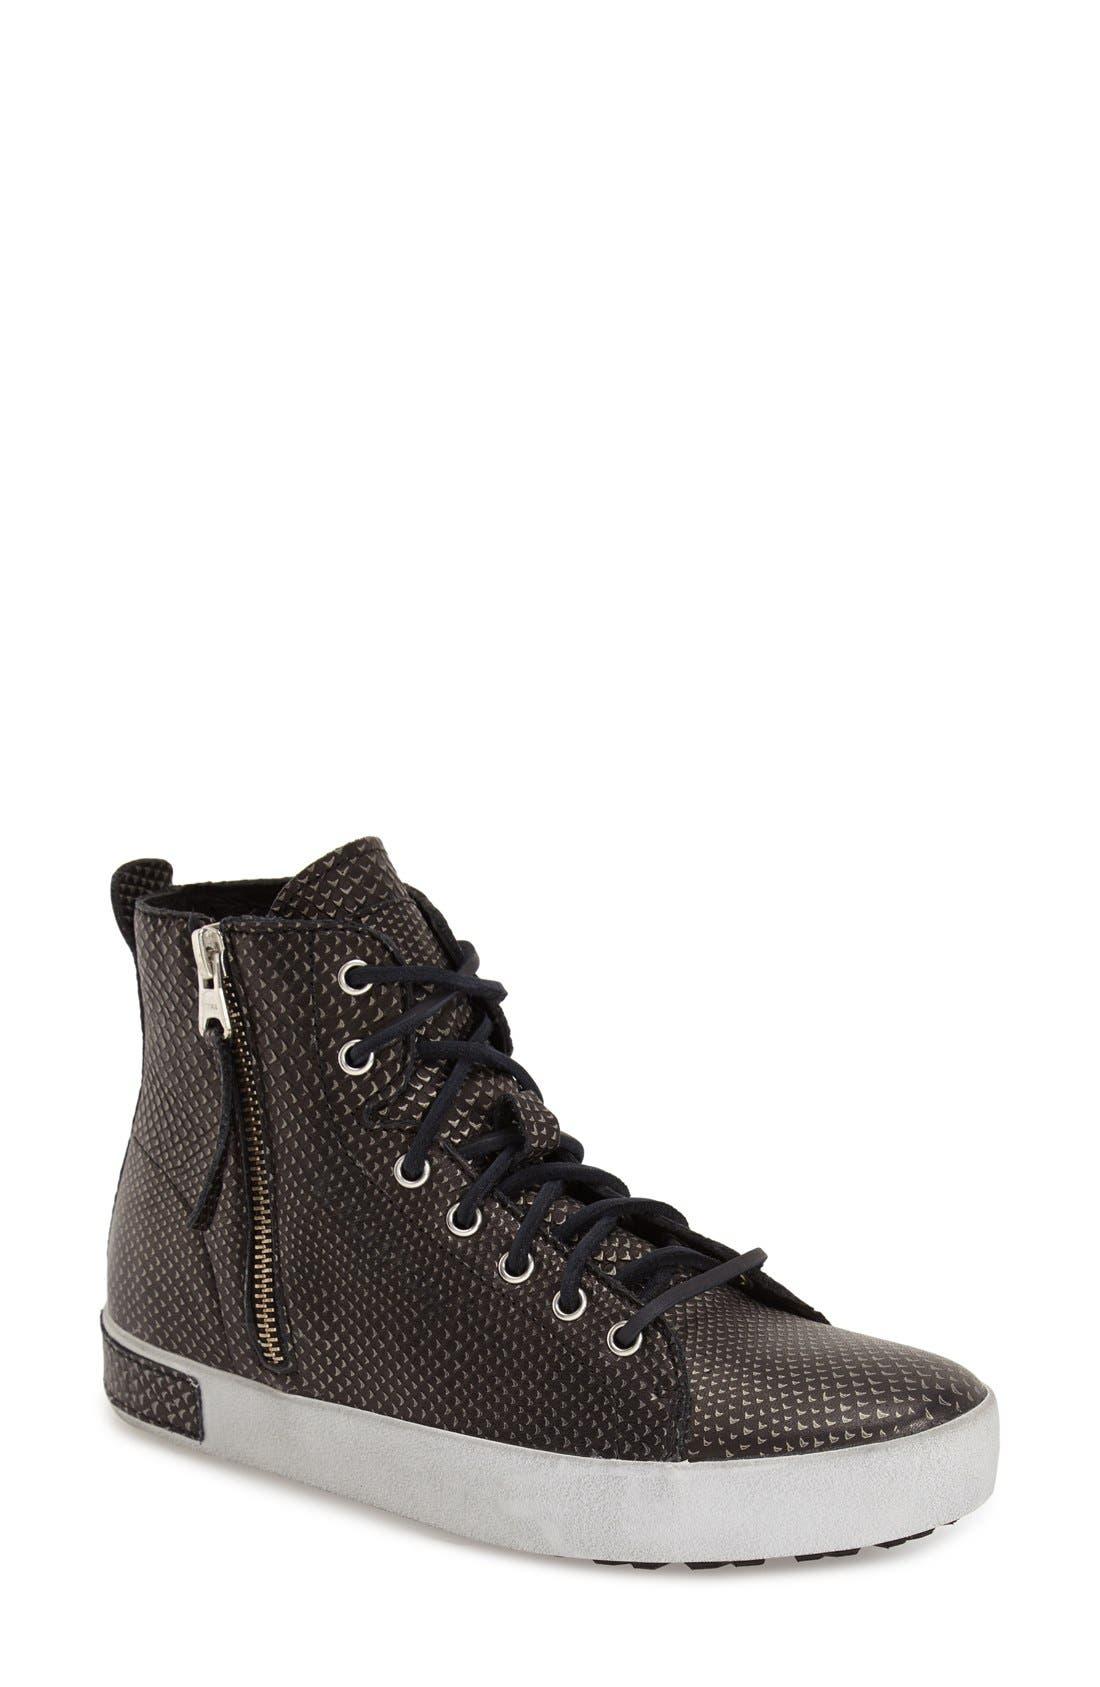 BLACKSTONE 'KL57' High Top Sneaker, Main, color, 006